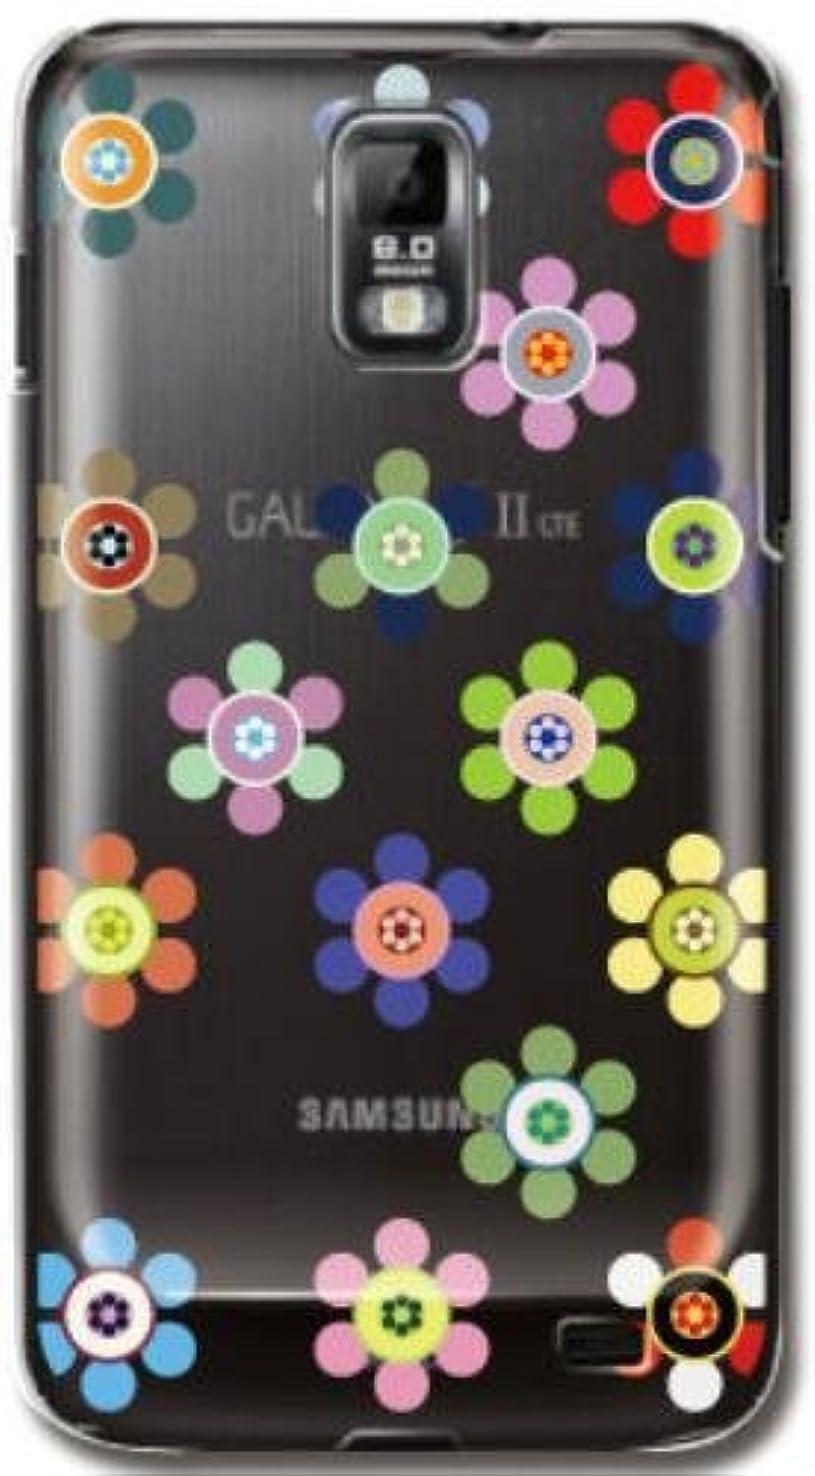 以内に販売員フォーク【Paiiige】 ハナマルアメ (クリア)/ for Galaxy S2 LTE SC-03D/Docomo専用ケース DCSC03-100-A031